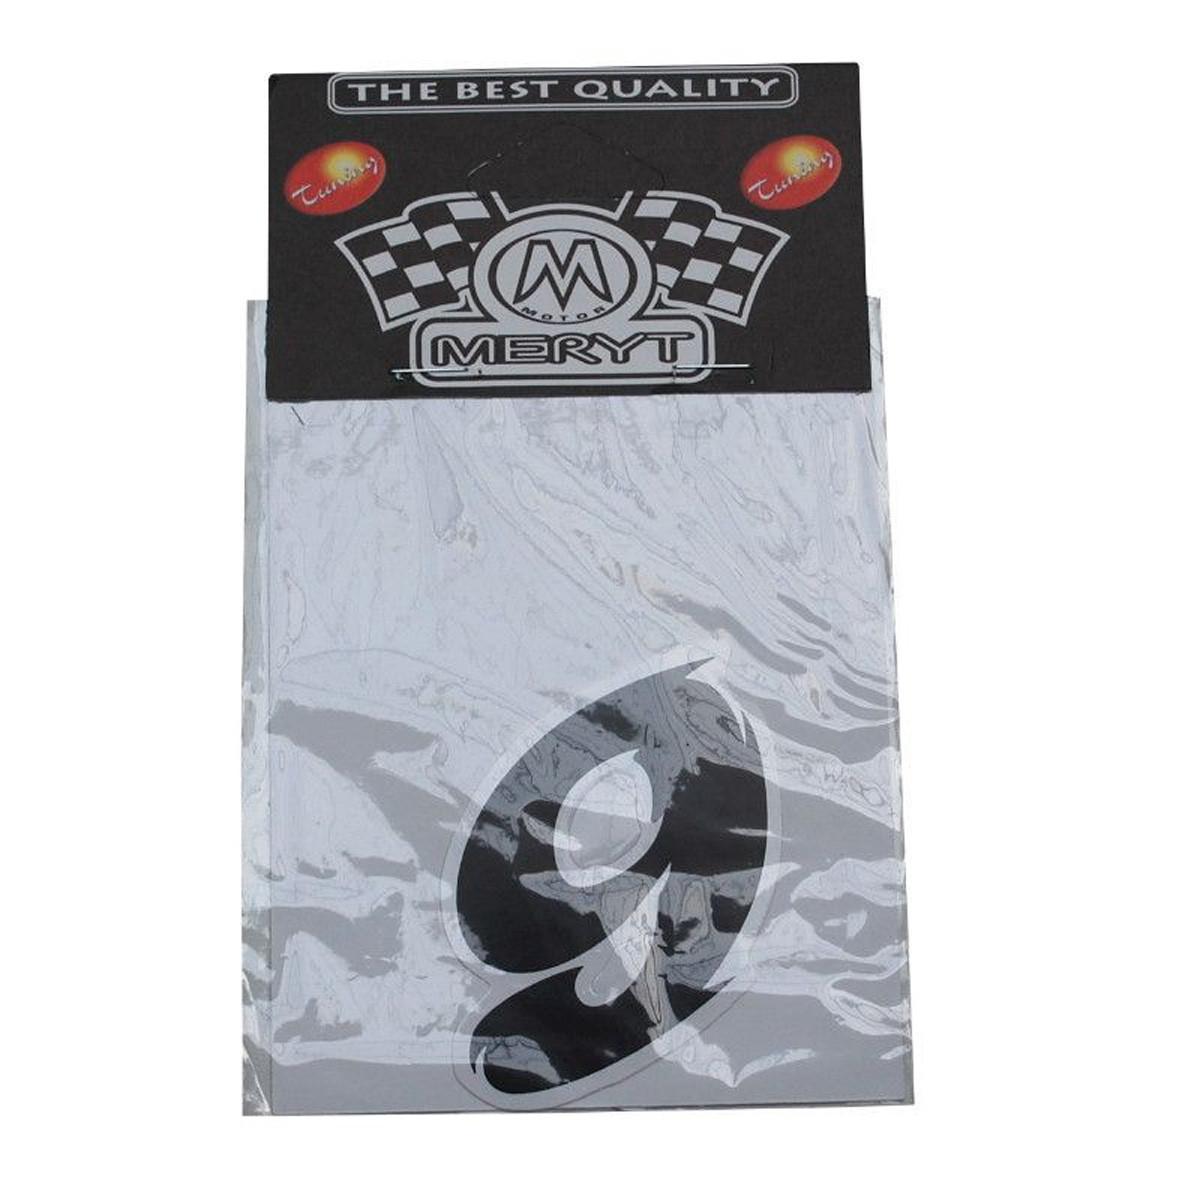 Autocollant / Sticker - MERYT - Numéro 9 - Noir - H 5.5 cm